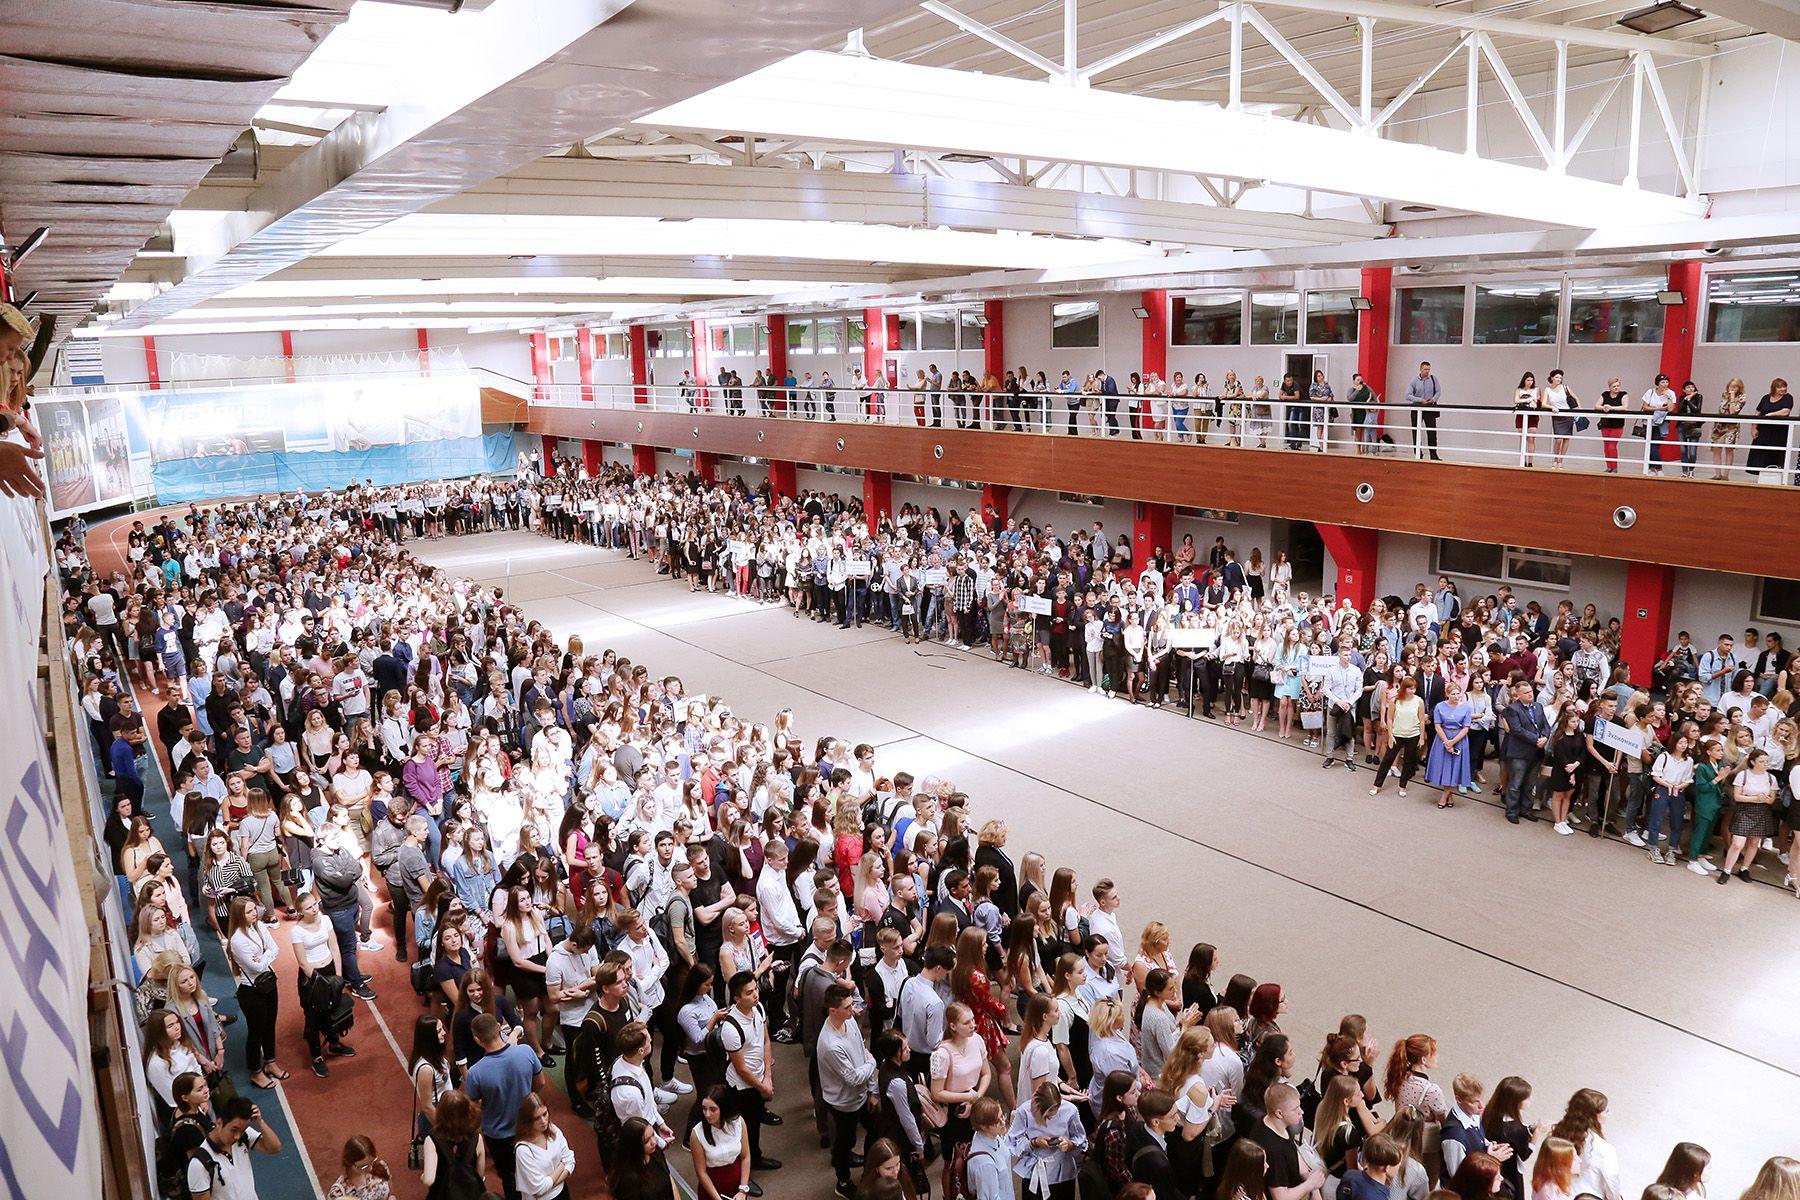 1 сентября во ВГУЭС: тысячи улыбок и новых лиц